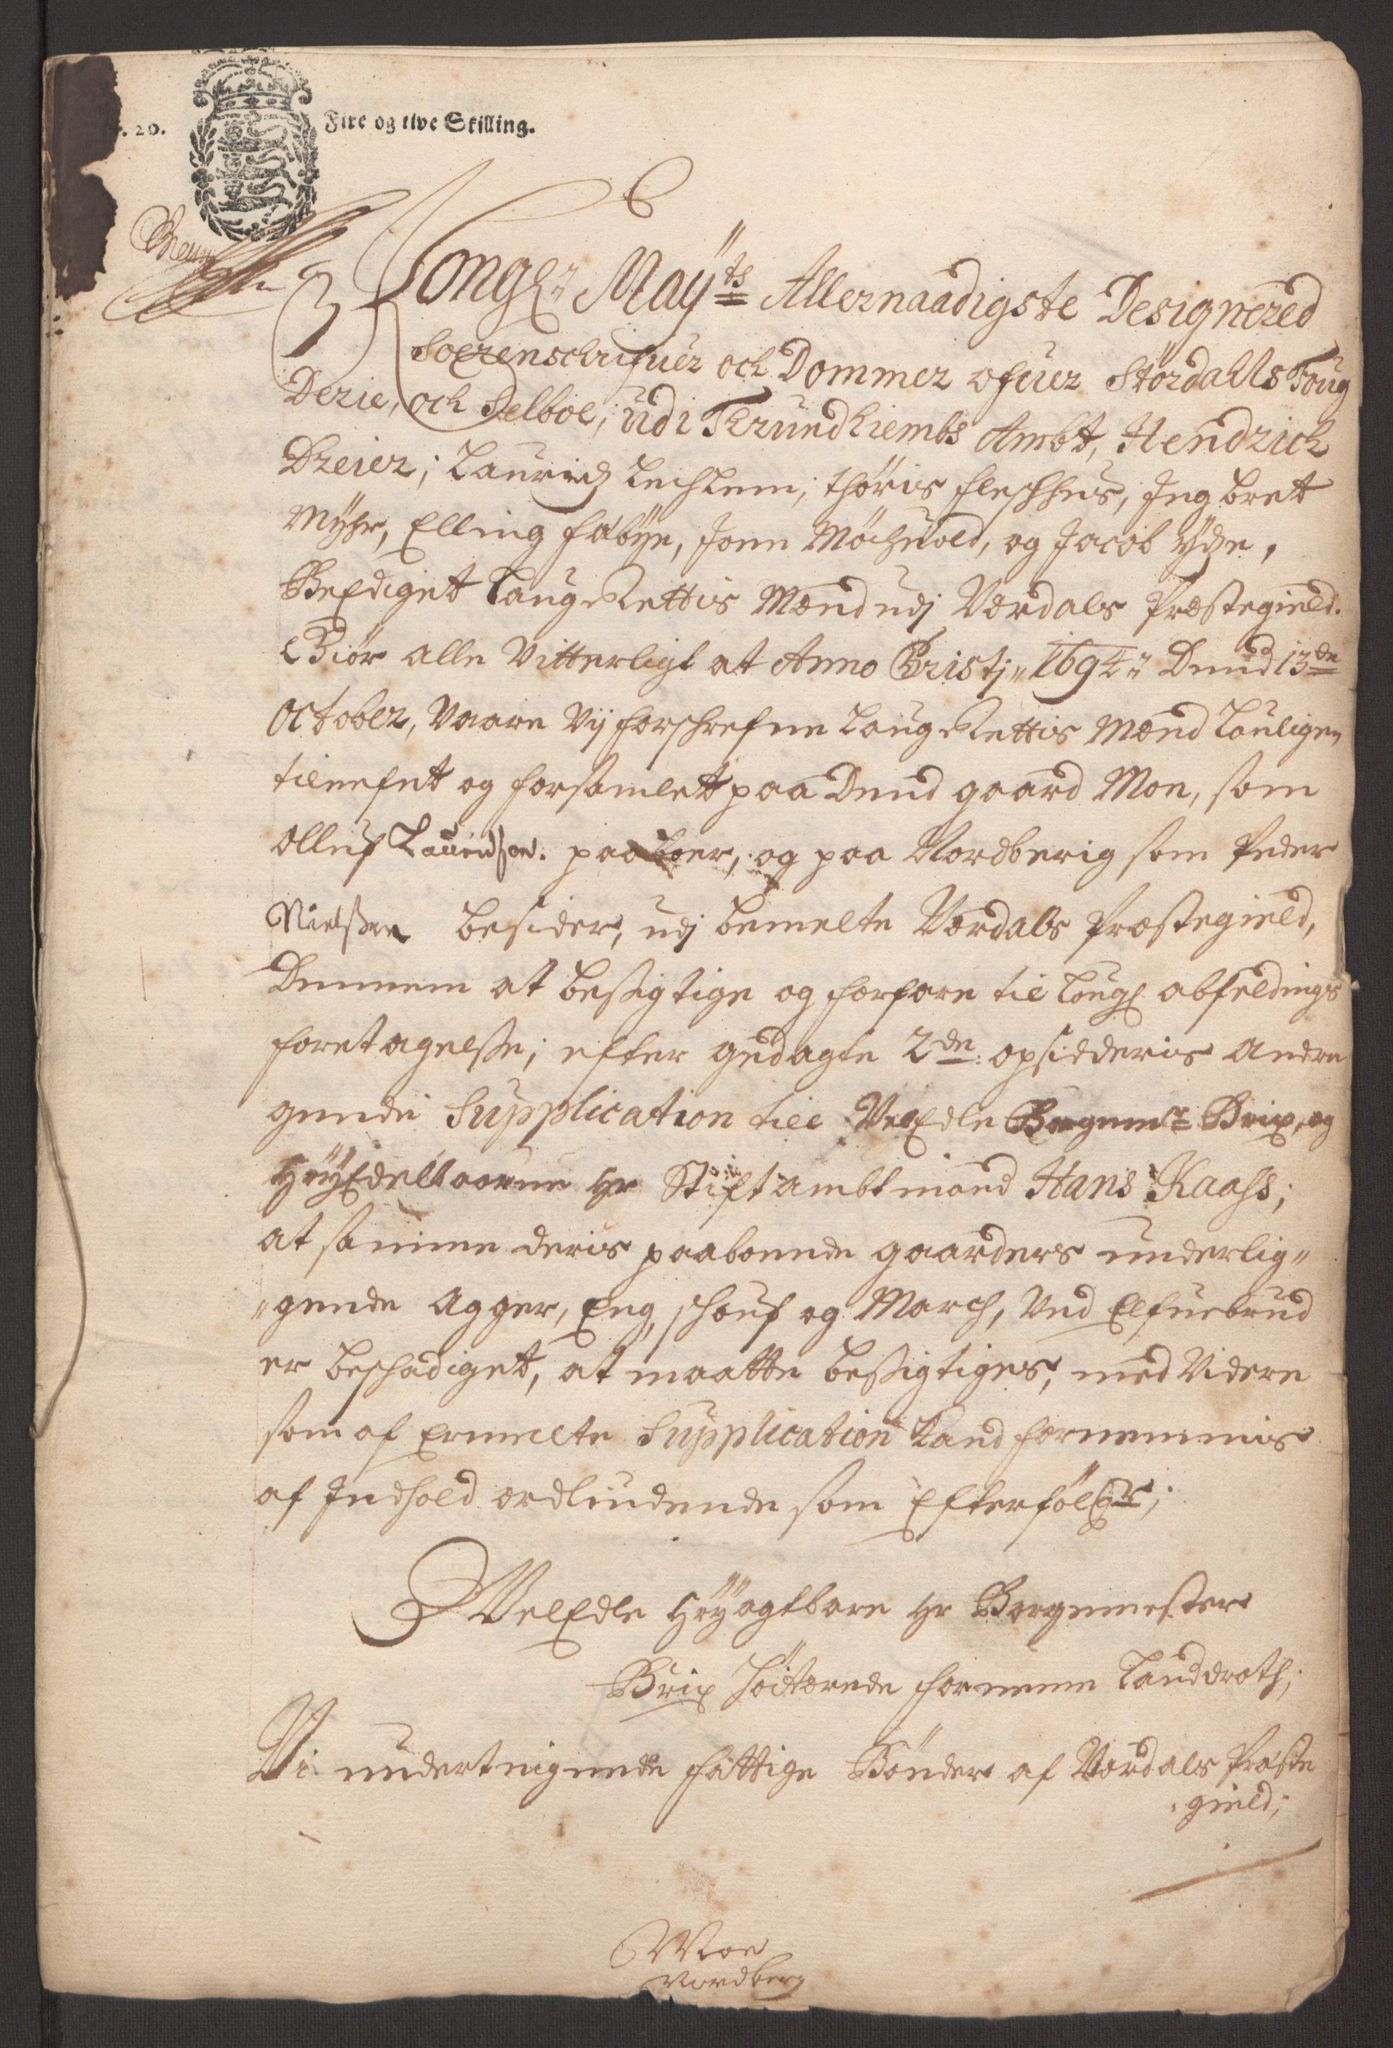 RA, Rentekammeret inntil 1814, Reviderte regnskaper, Fogderegnskap, R62/L4186: Fogderegnskap Stjørdal og Verdal, 1693-1694, s. 255